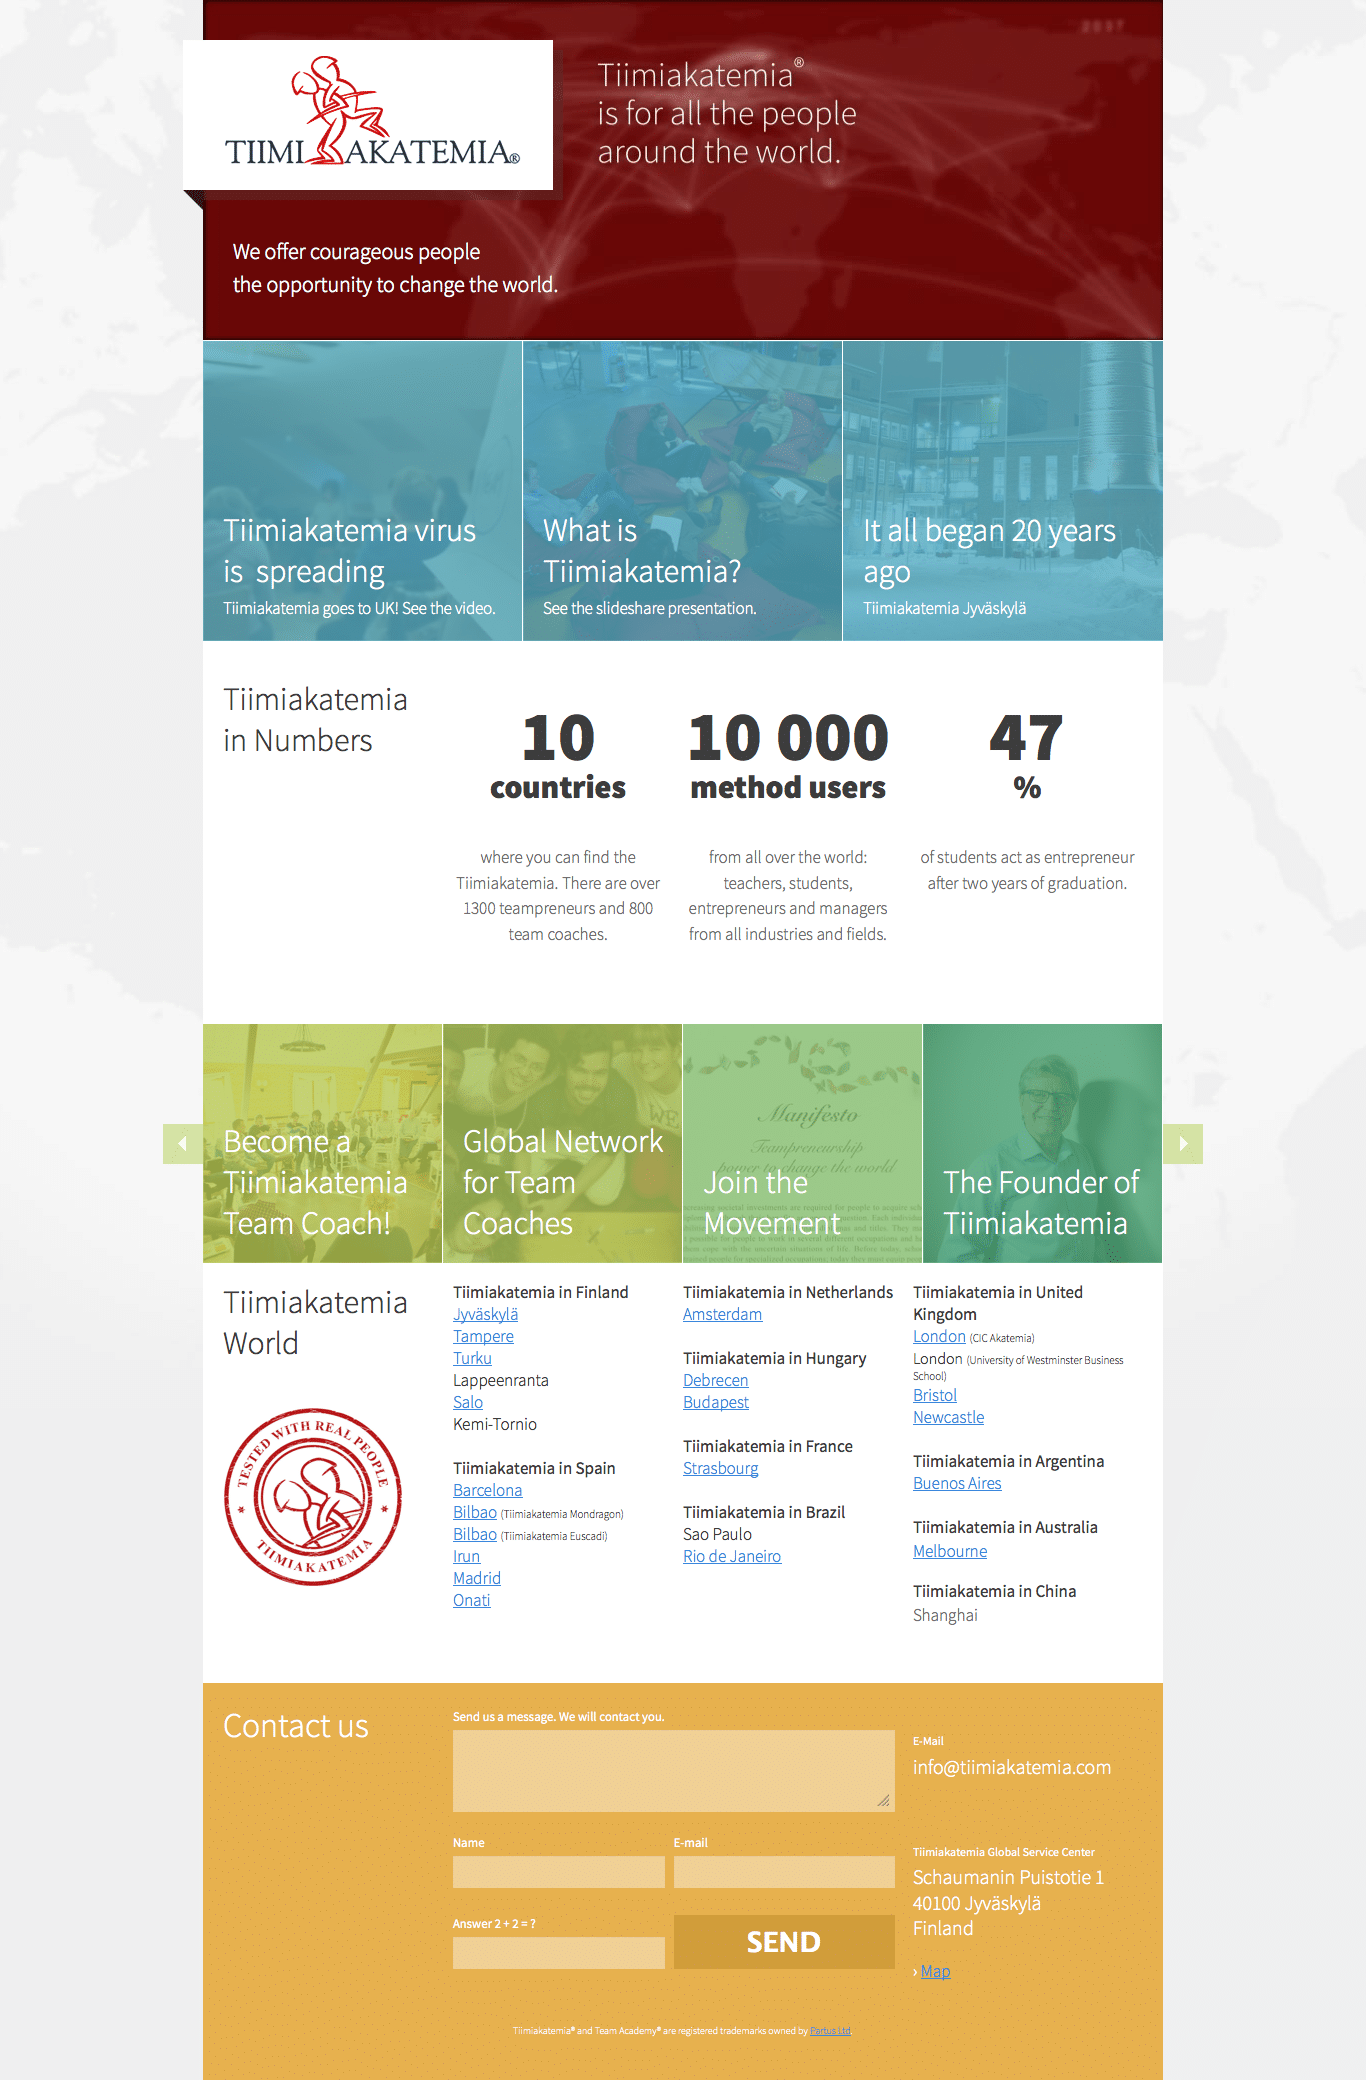 Tiimiakatemia.com